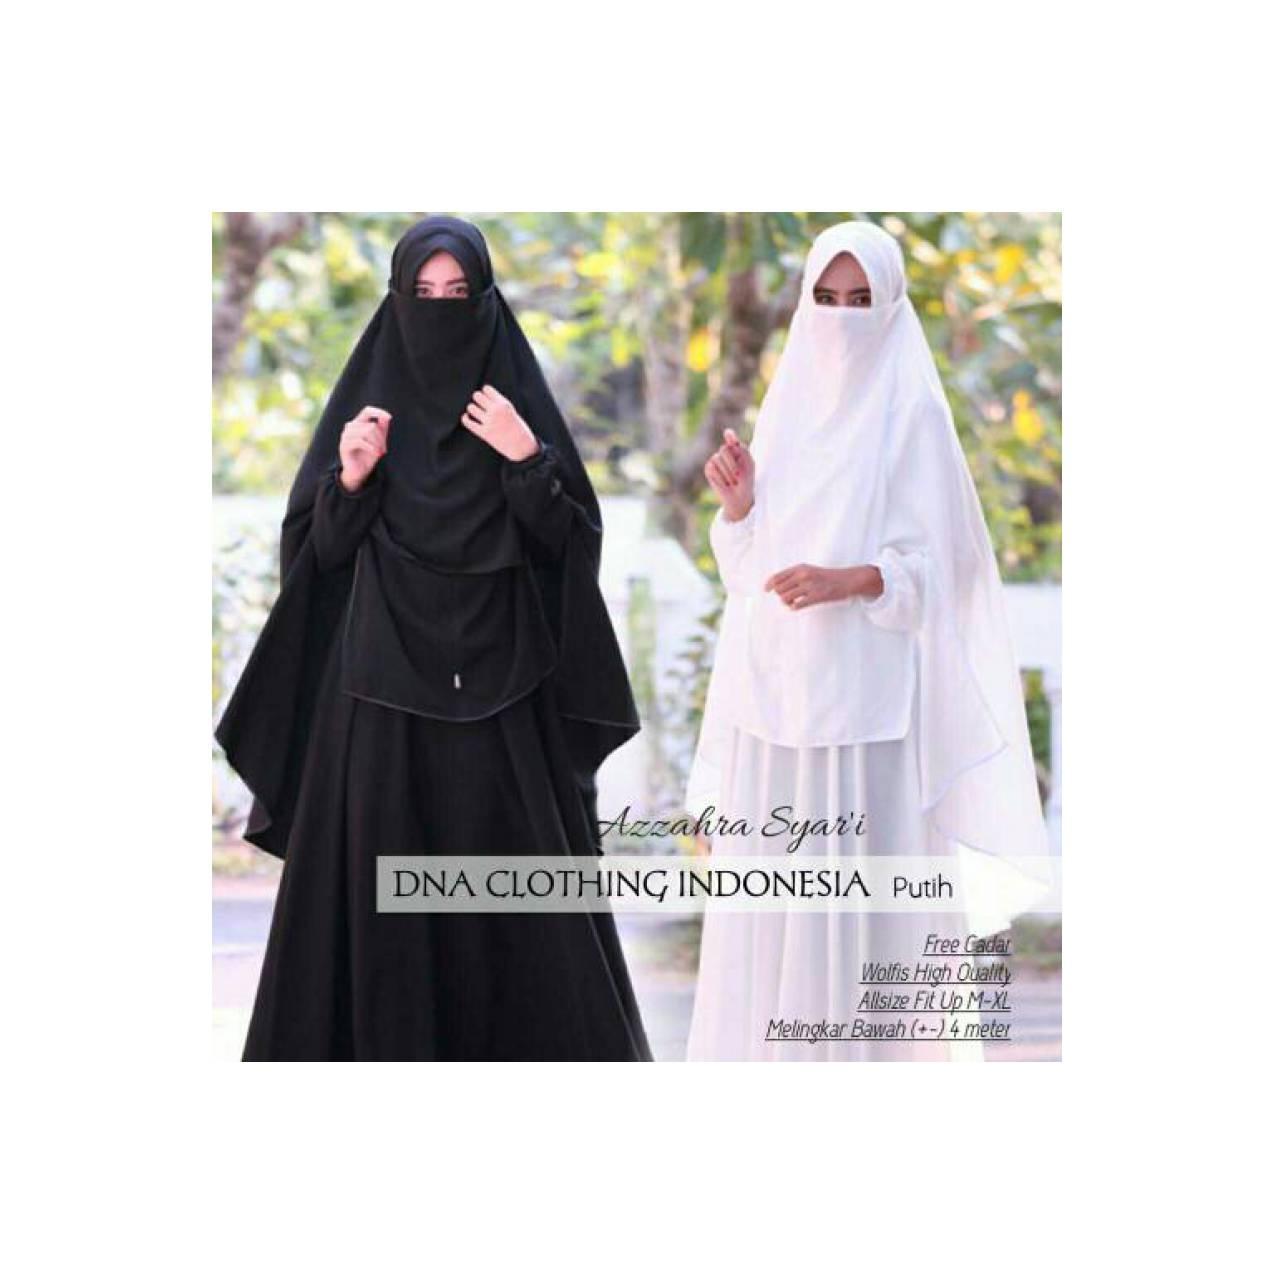 pusat grosir baju muslim azzahra syari wolfis